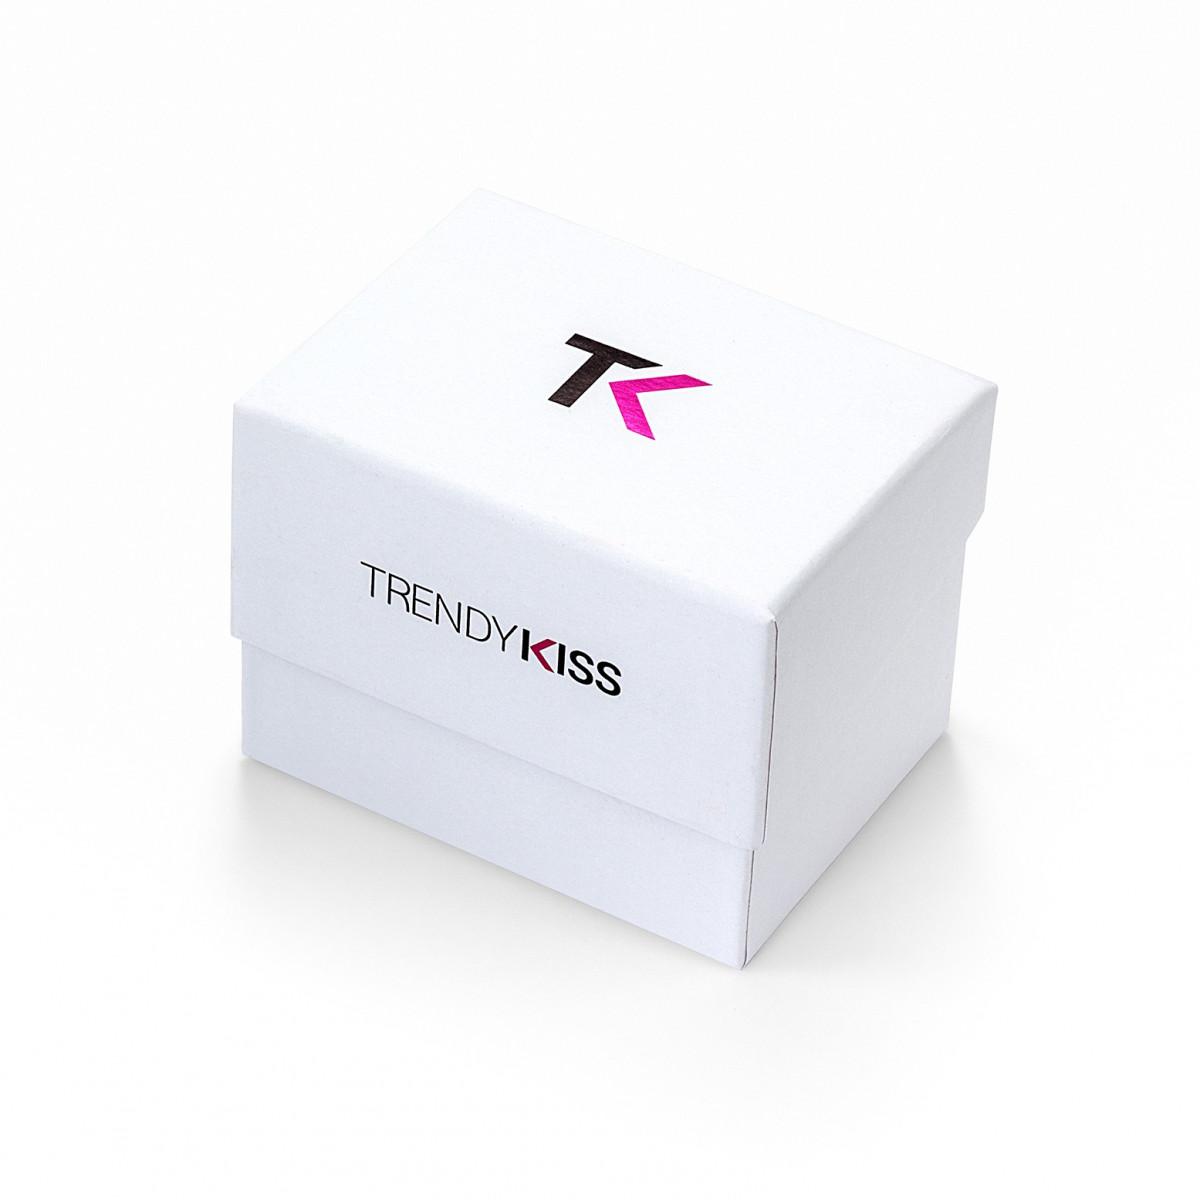 Montre Femme Trendy Kiss Lovisa cadran blanc mat - TG10090-01U